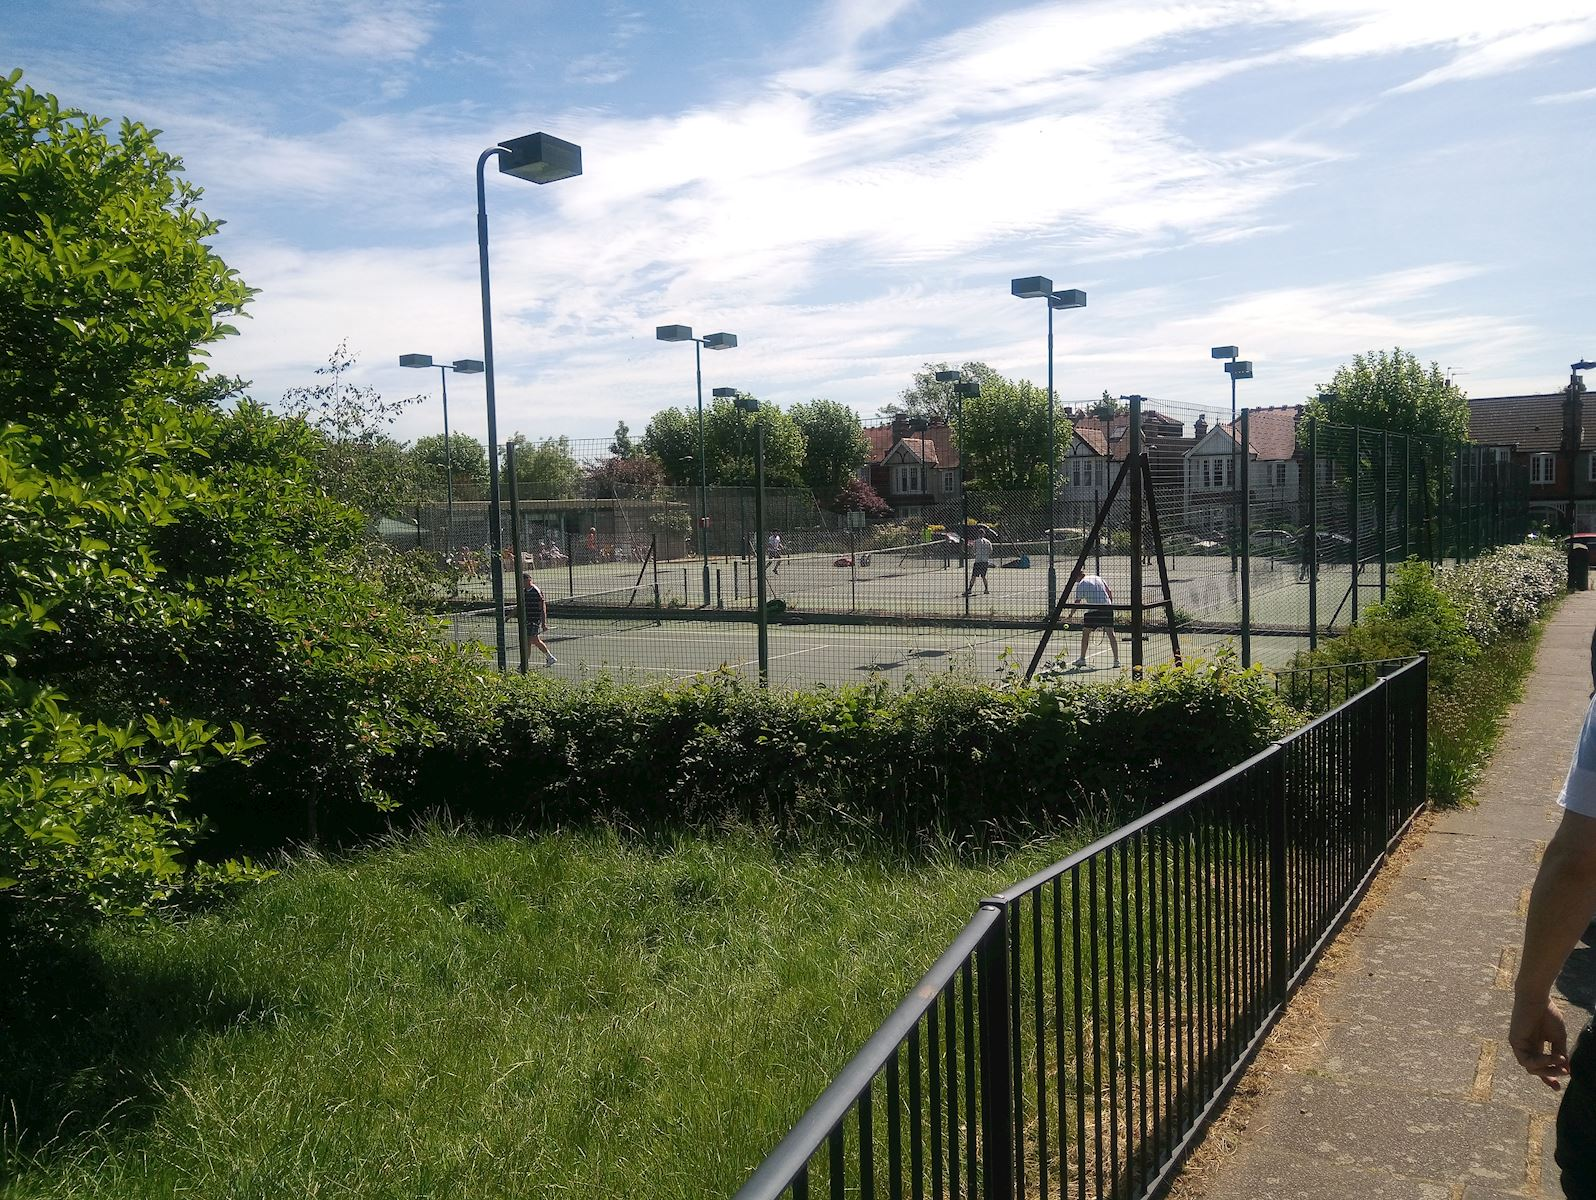 Conway Lawn Tennis Club